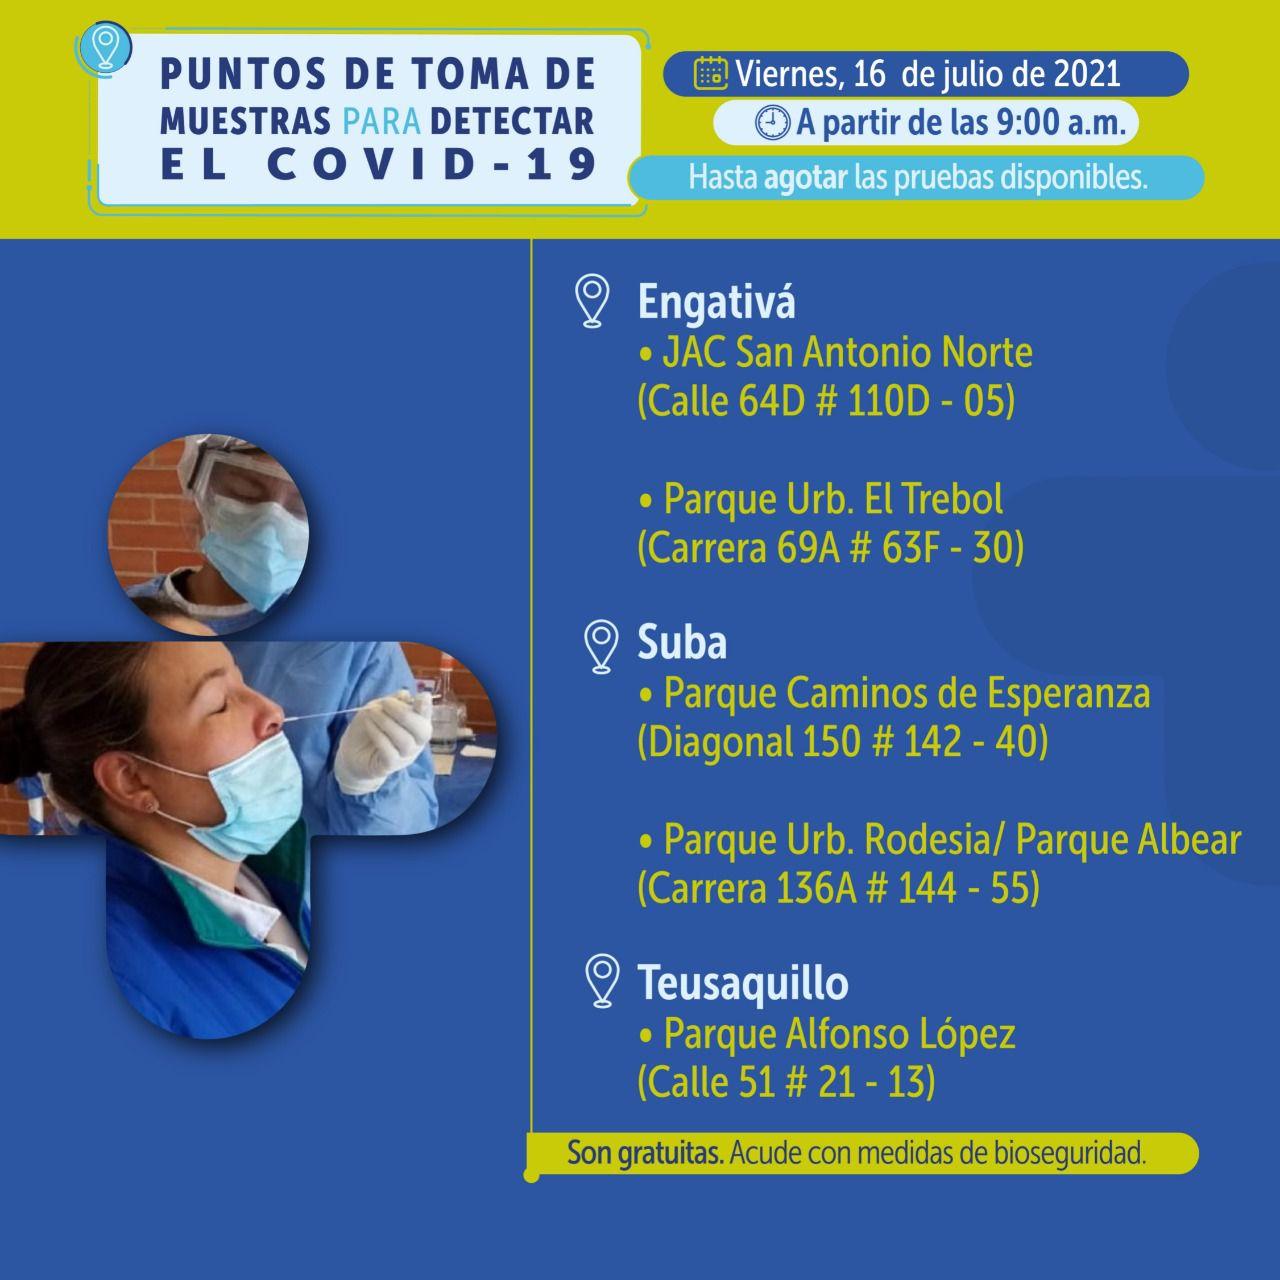 Puntos de pruebas covid-19 en Bogotá para el 16 de julio Foto: Secretaría Distrital de Salud de Bogotá